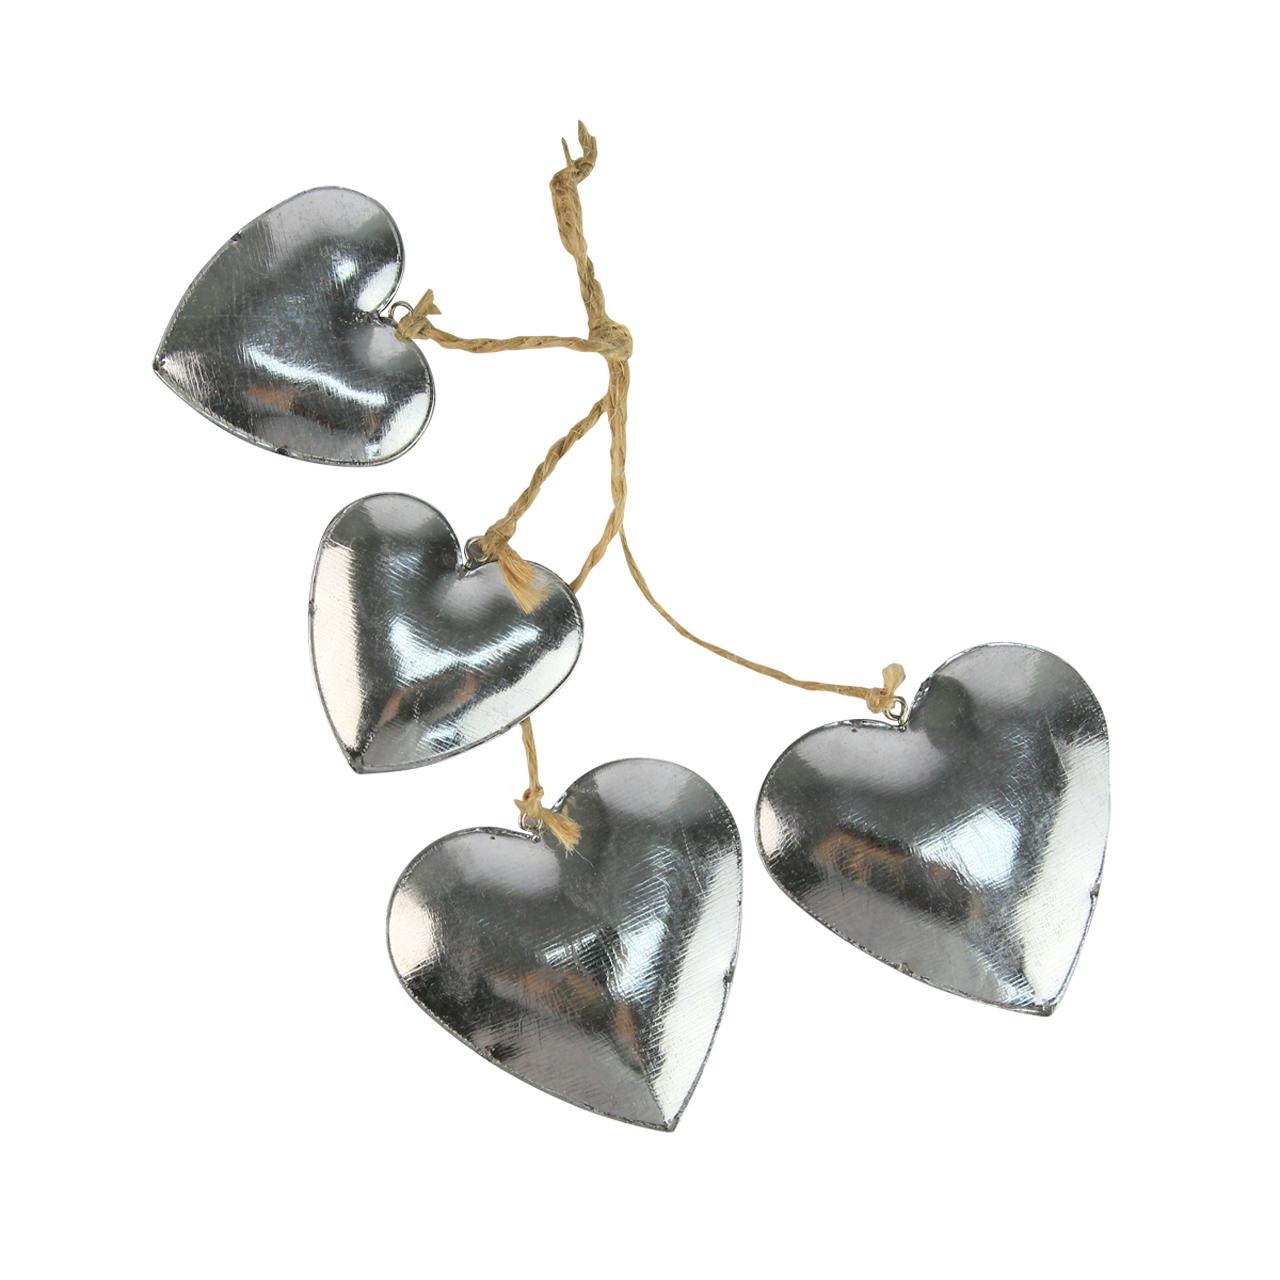 Ghirlanda Cu 4 Inimi Din Metal Argintiu 22 Cm